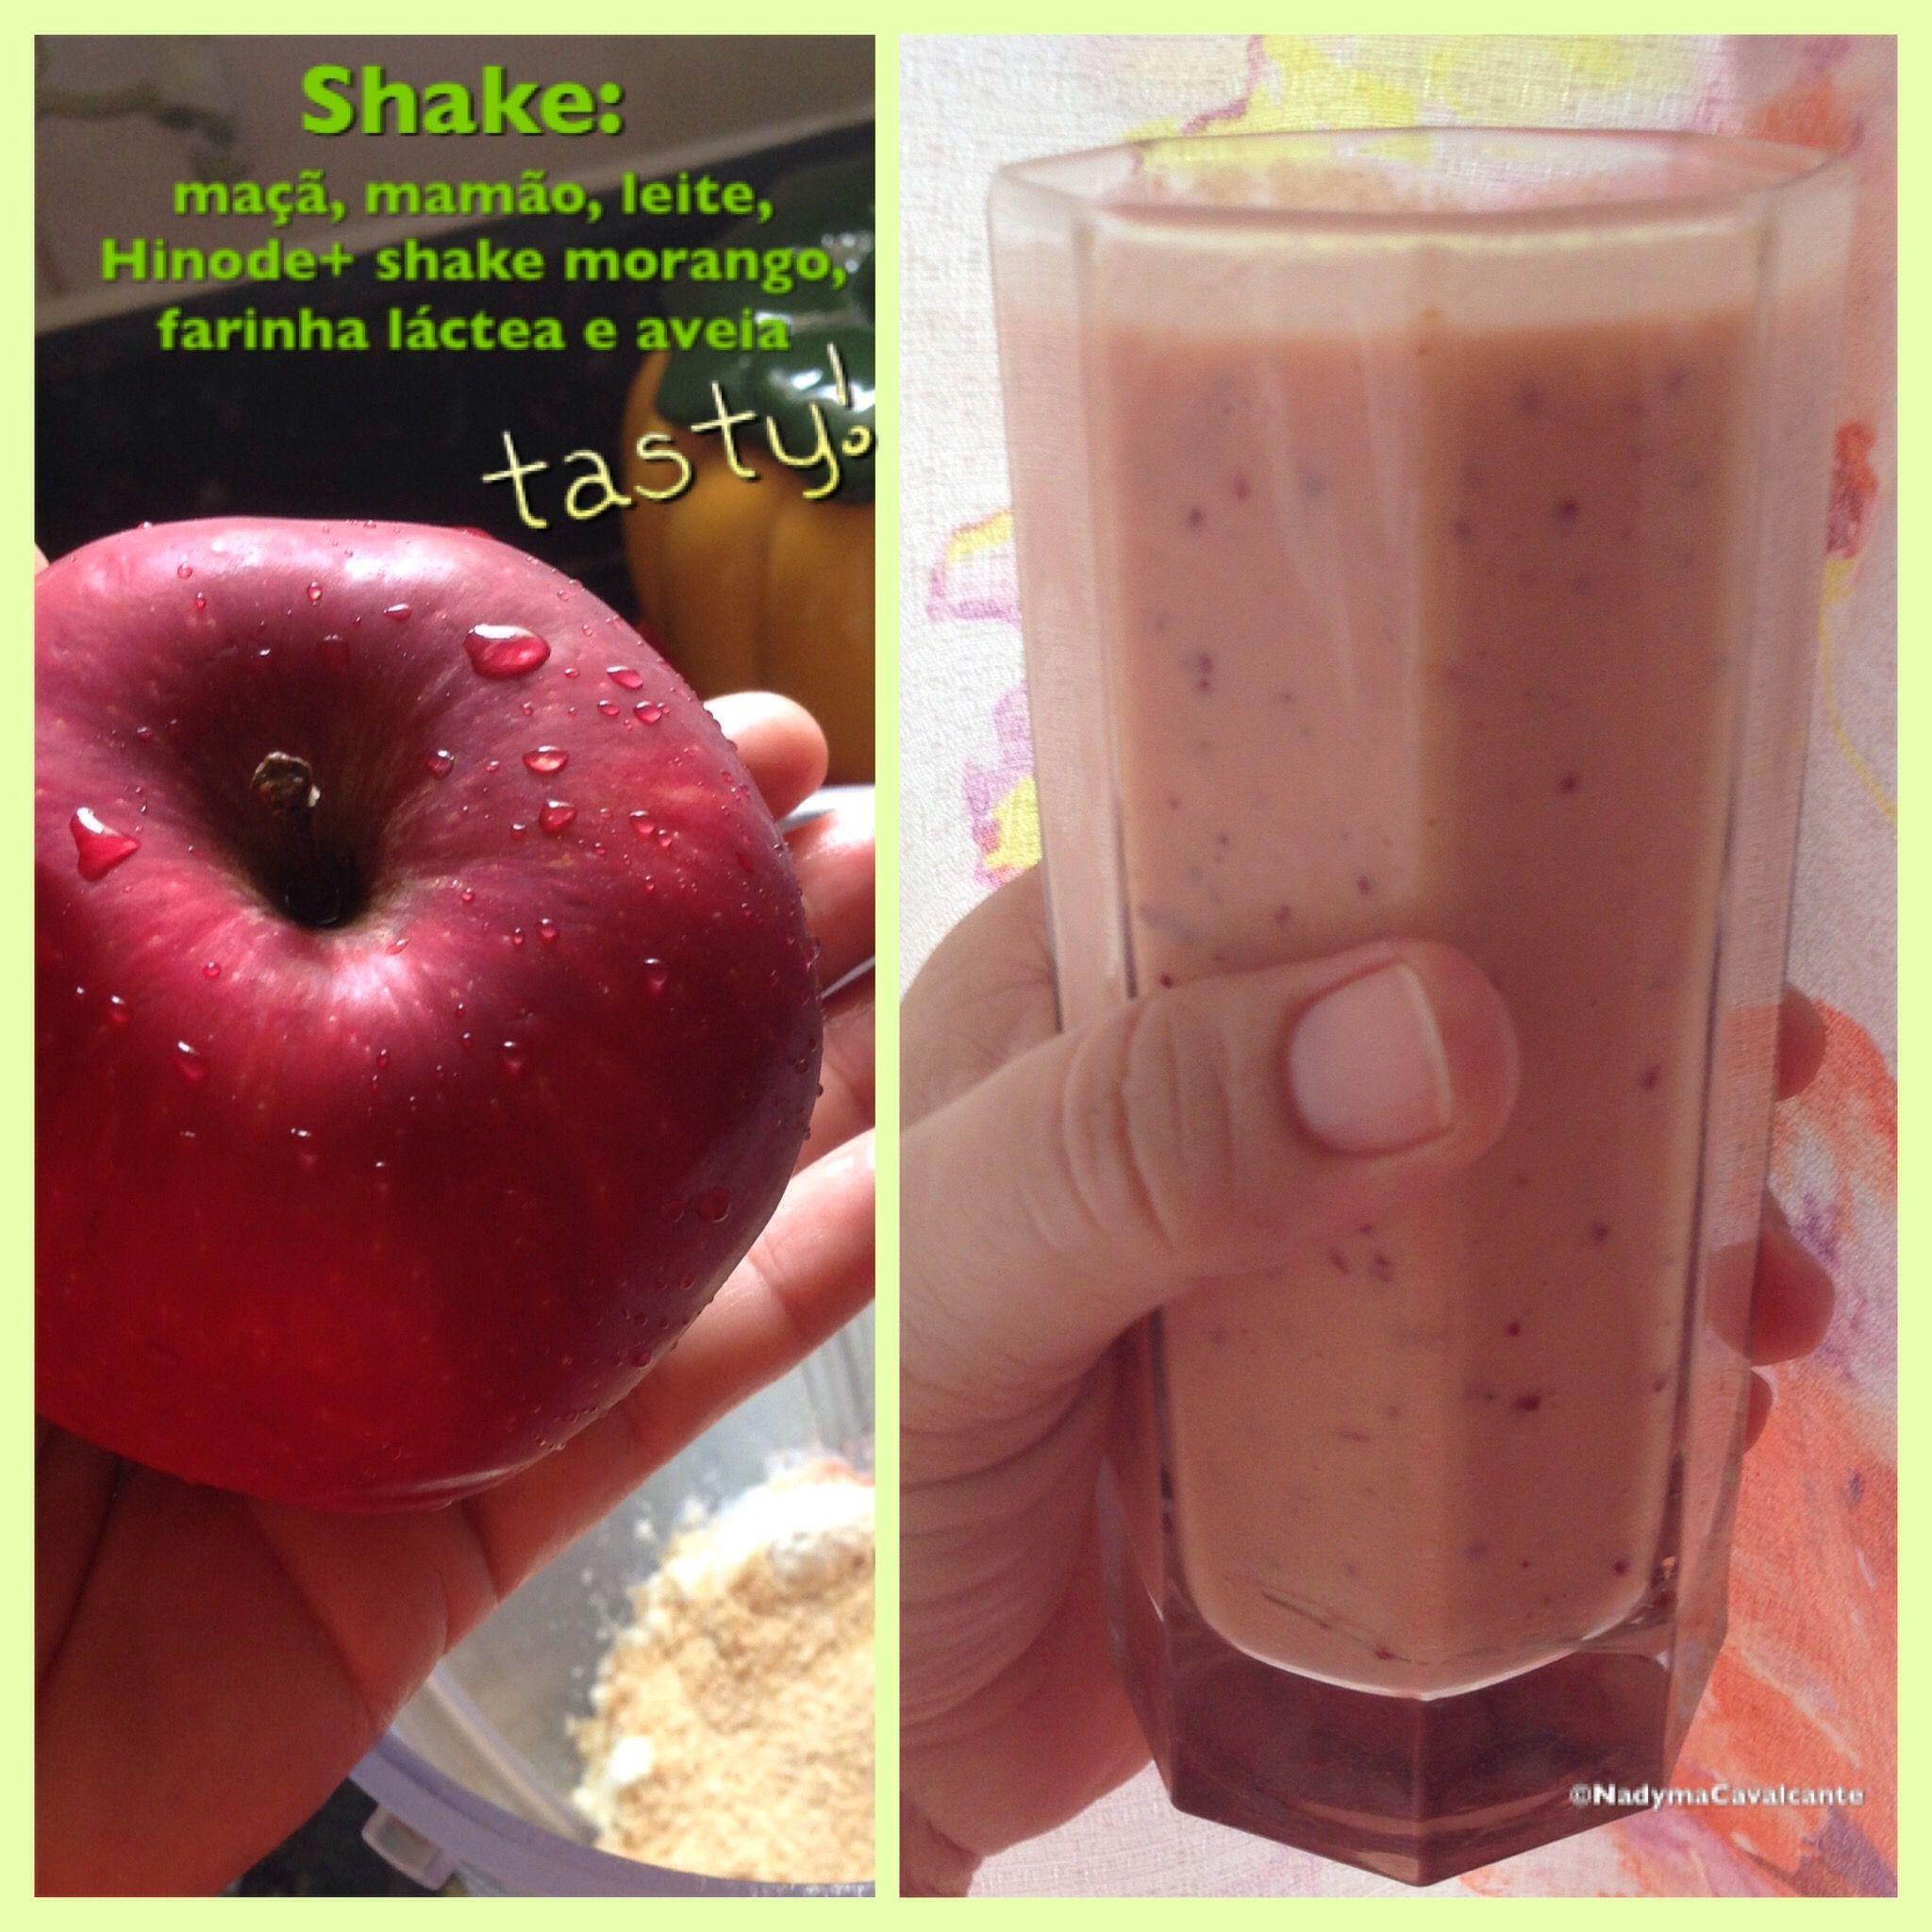 Shake: maçã, mamão, Hinode+ shake morango, leite, farinha láctea e aveia. Muito bom!